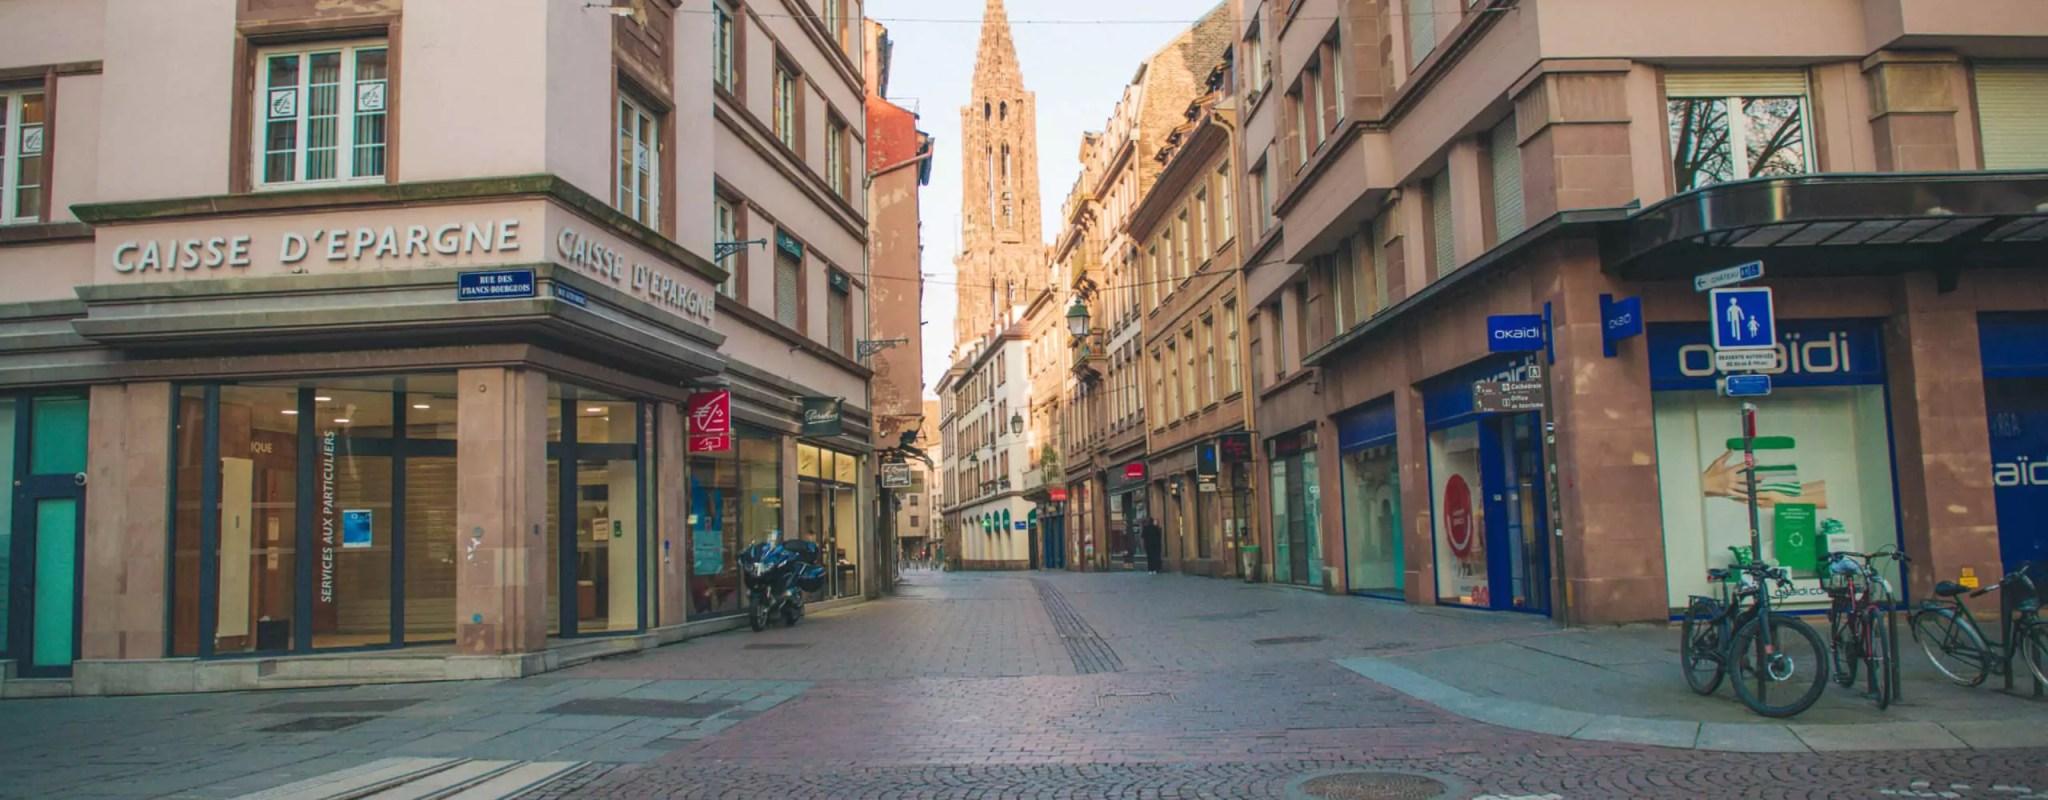 Masques, tests, tracing… Comment les autorités locales comptent appliquer le déconfinement dans le Bas-Rhin